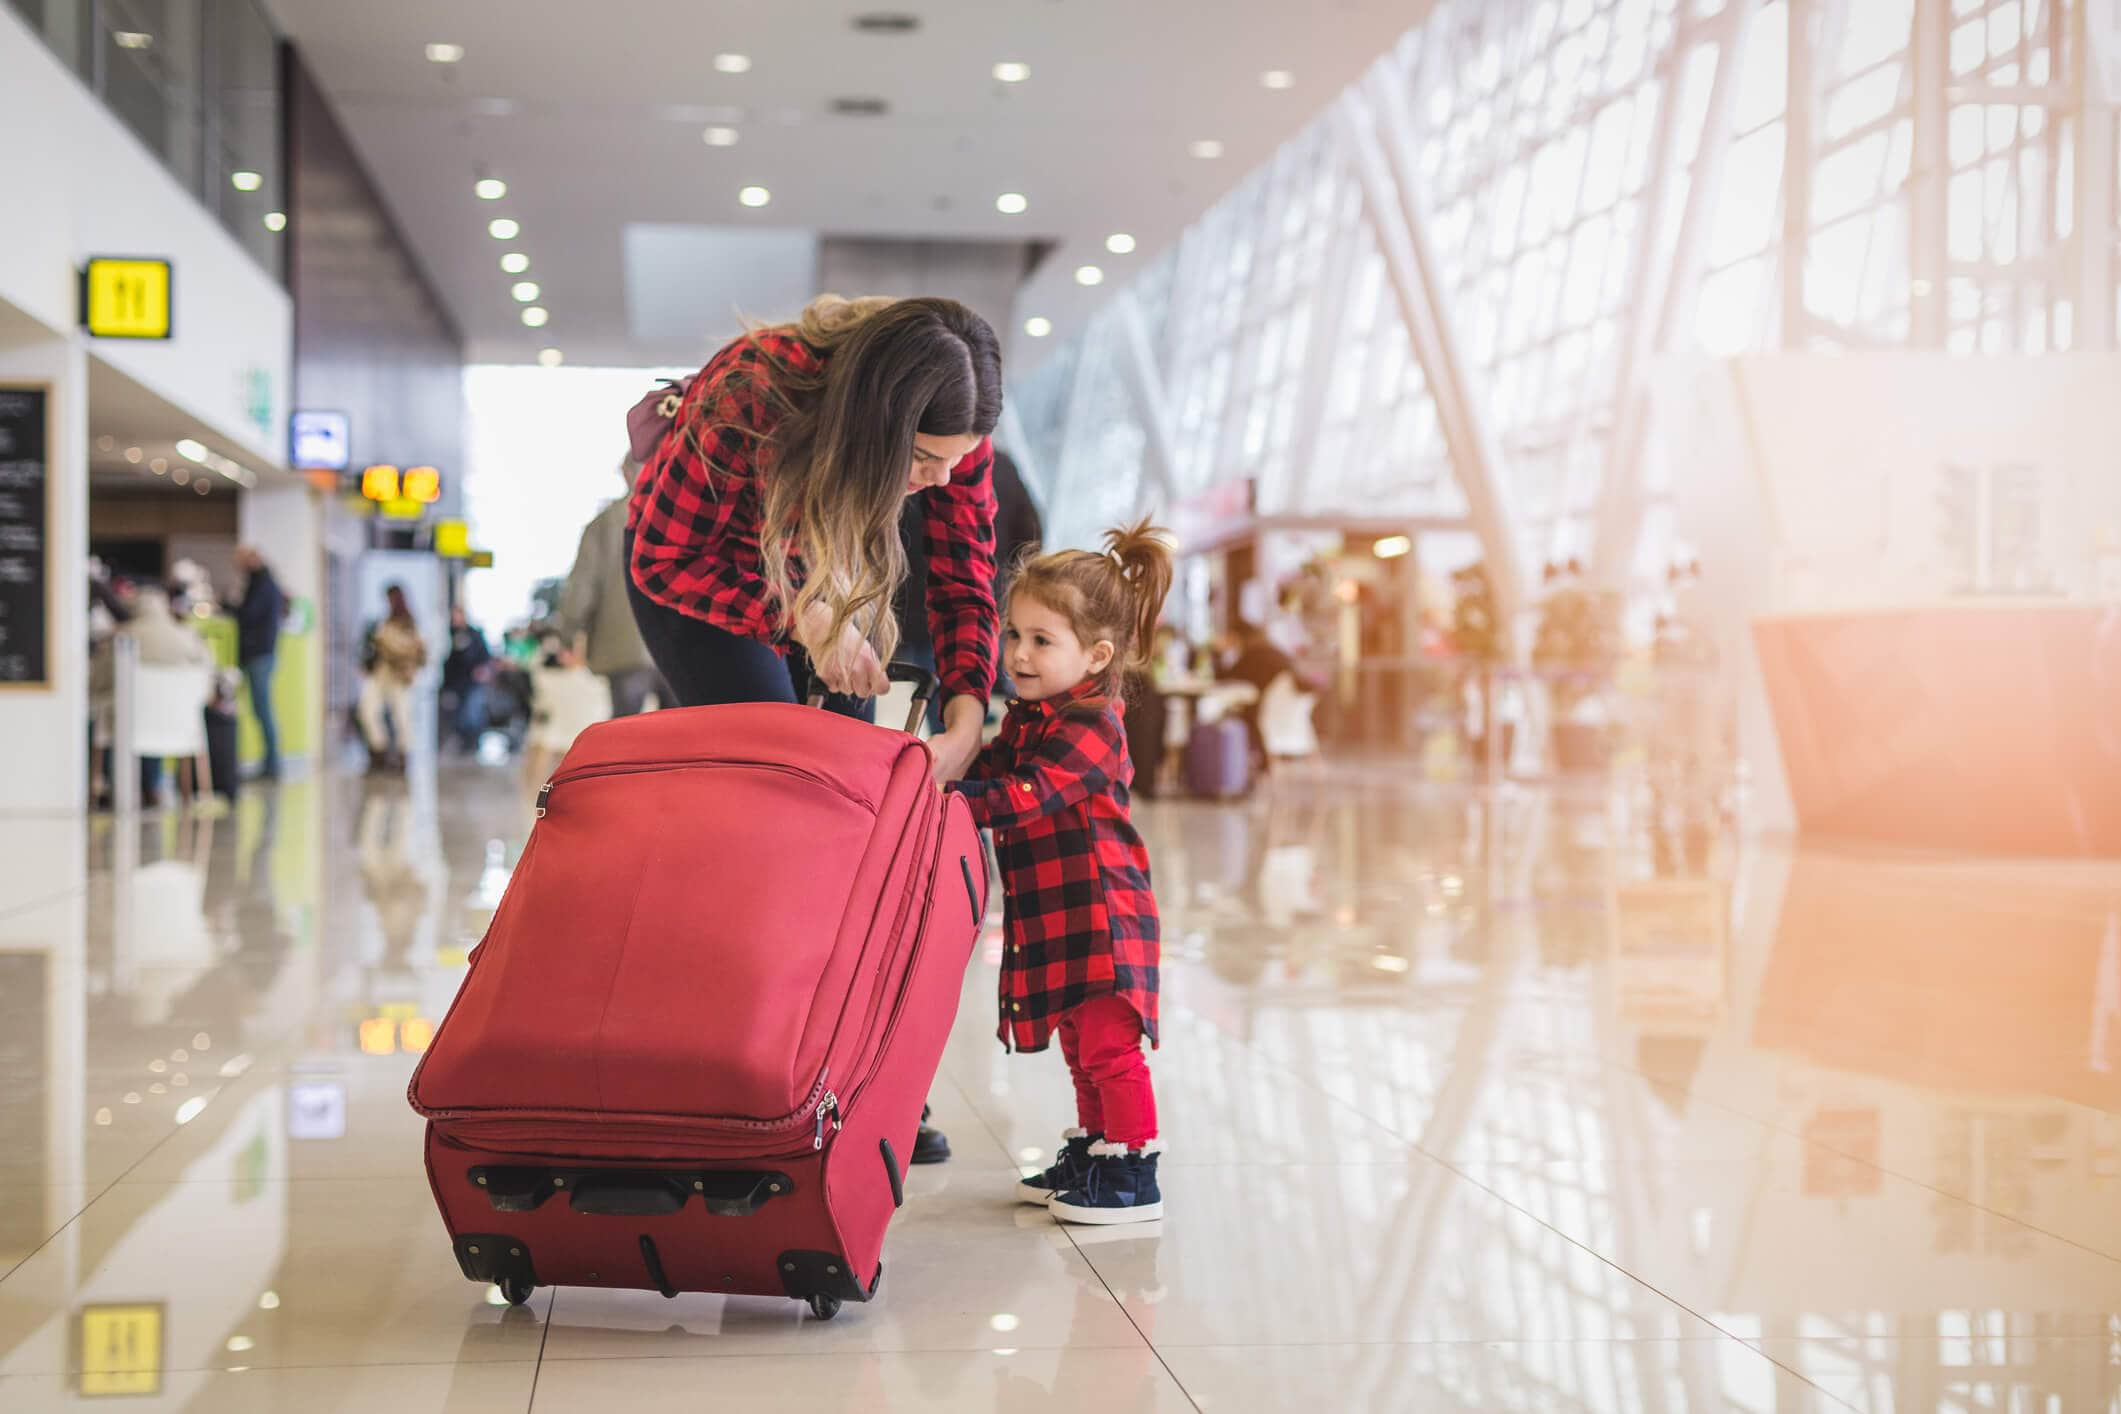 Mulher com uma mala e uma criança no aeroporto verificando o seguro de viagem.